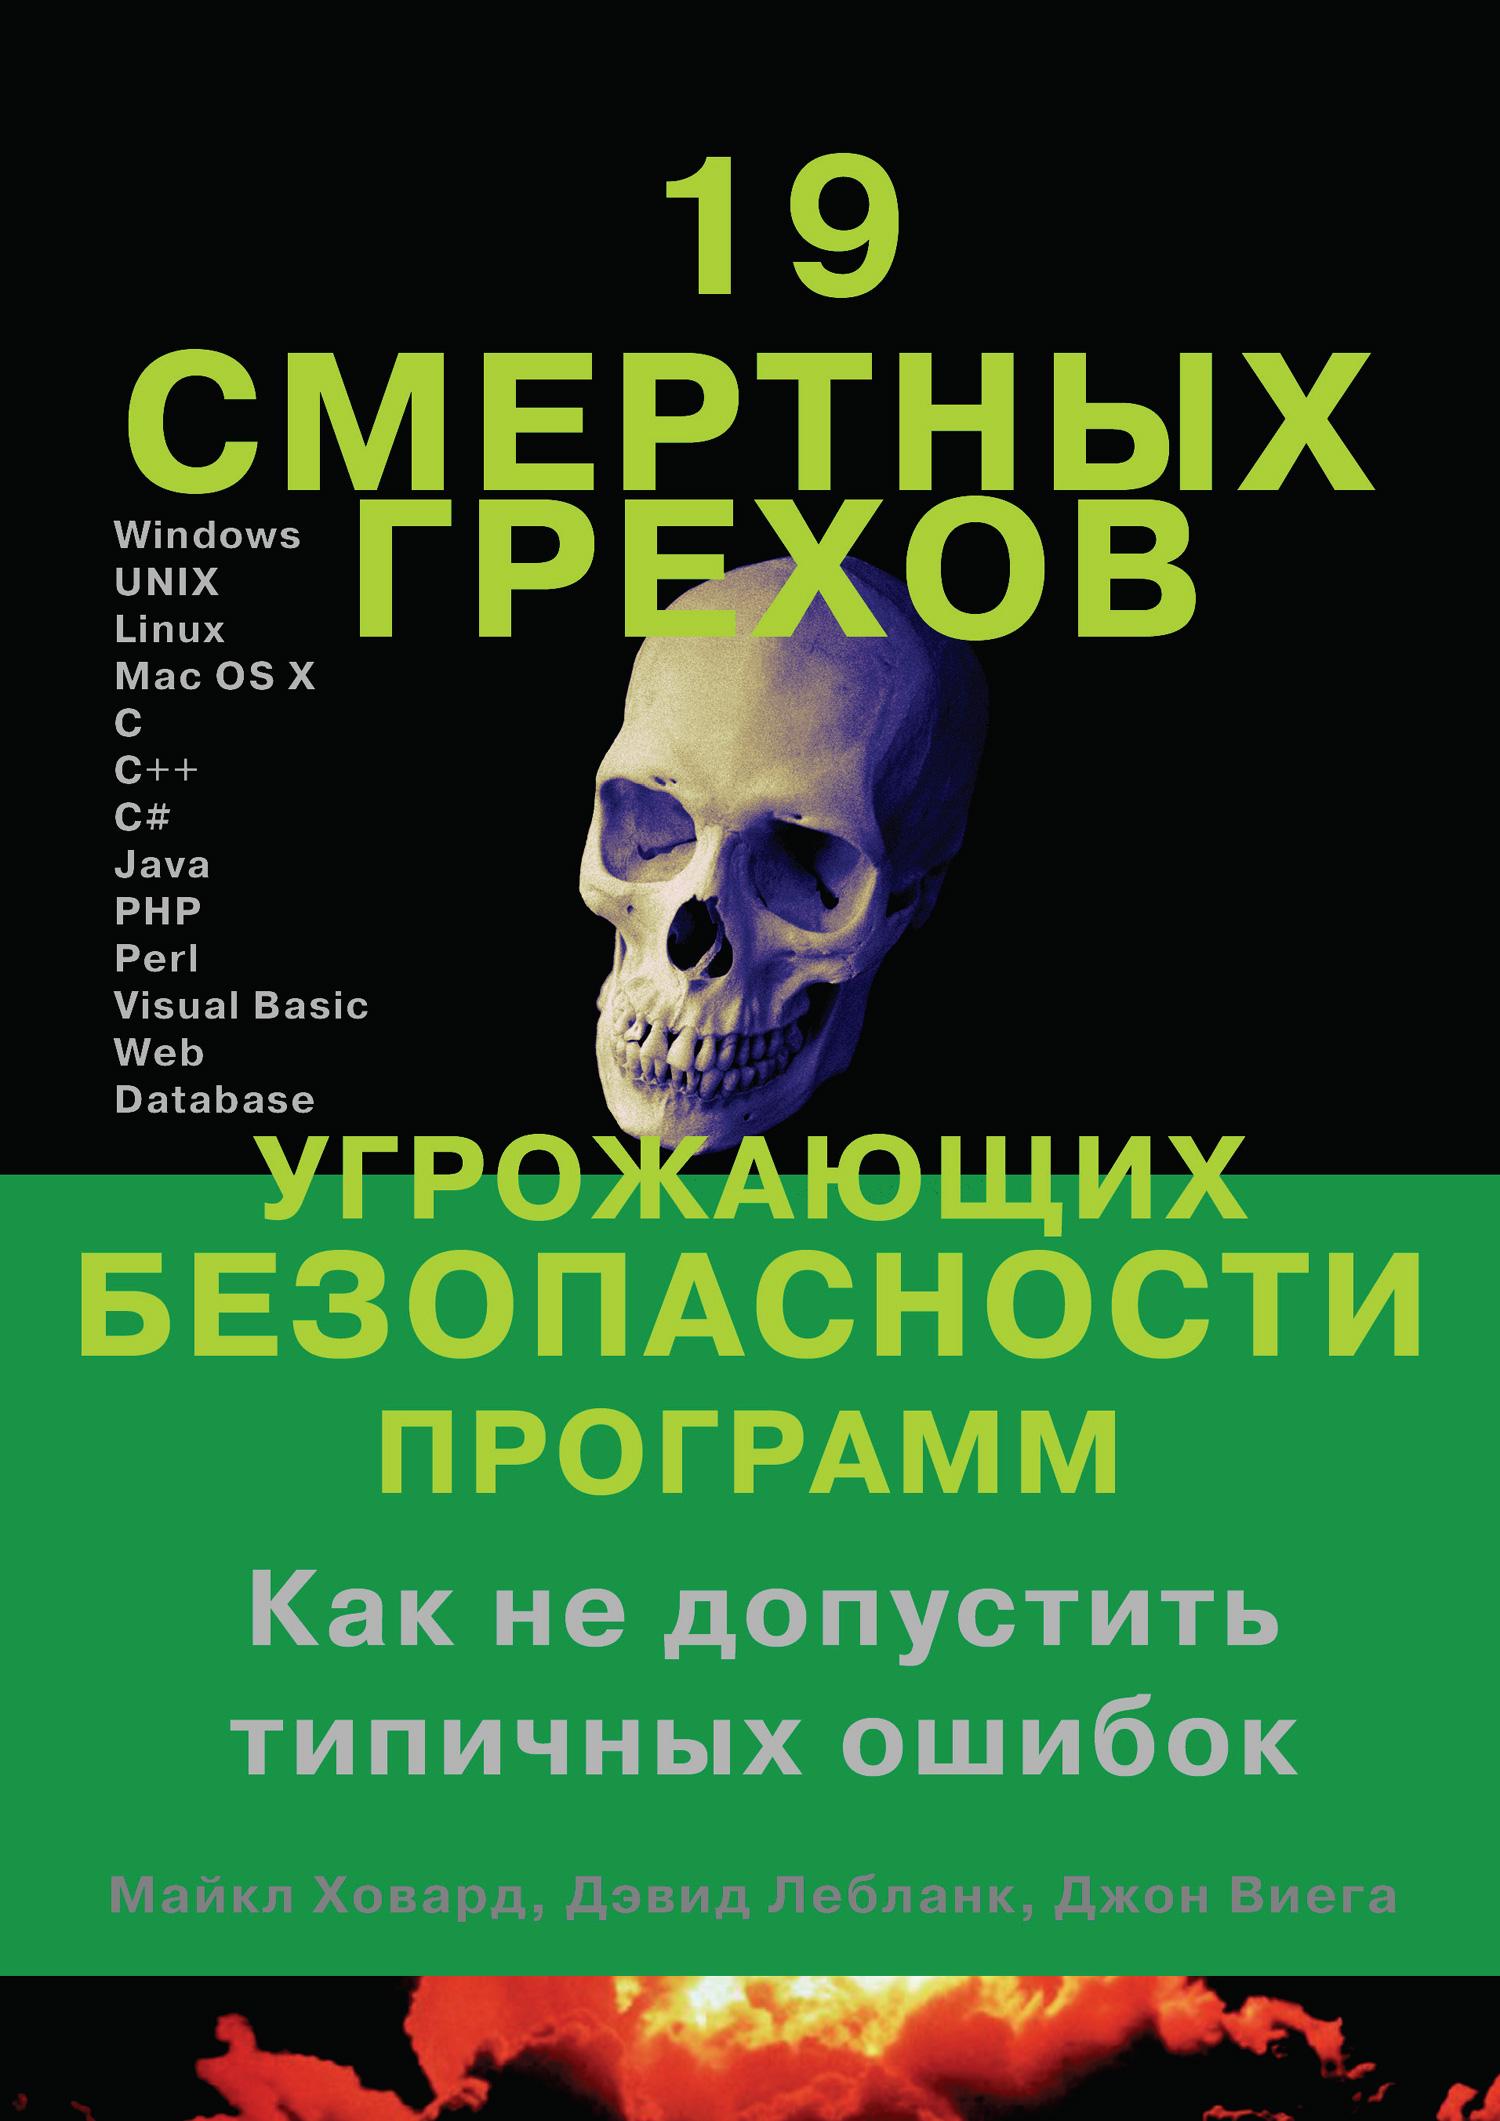 19 смертных грехов, угрожающих безопасности программ